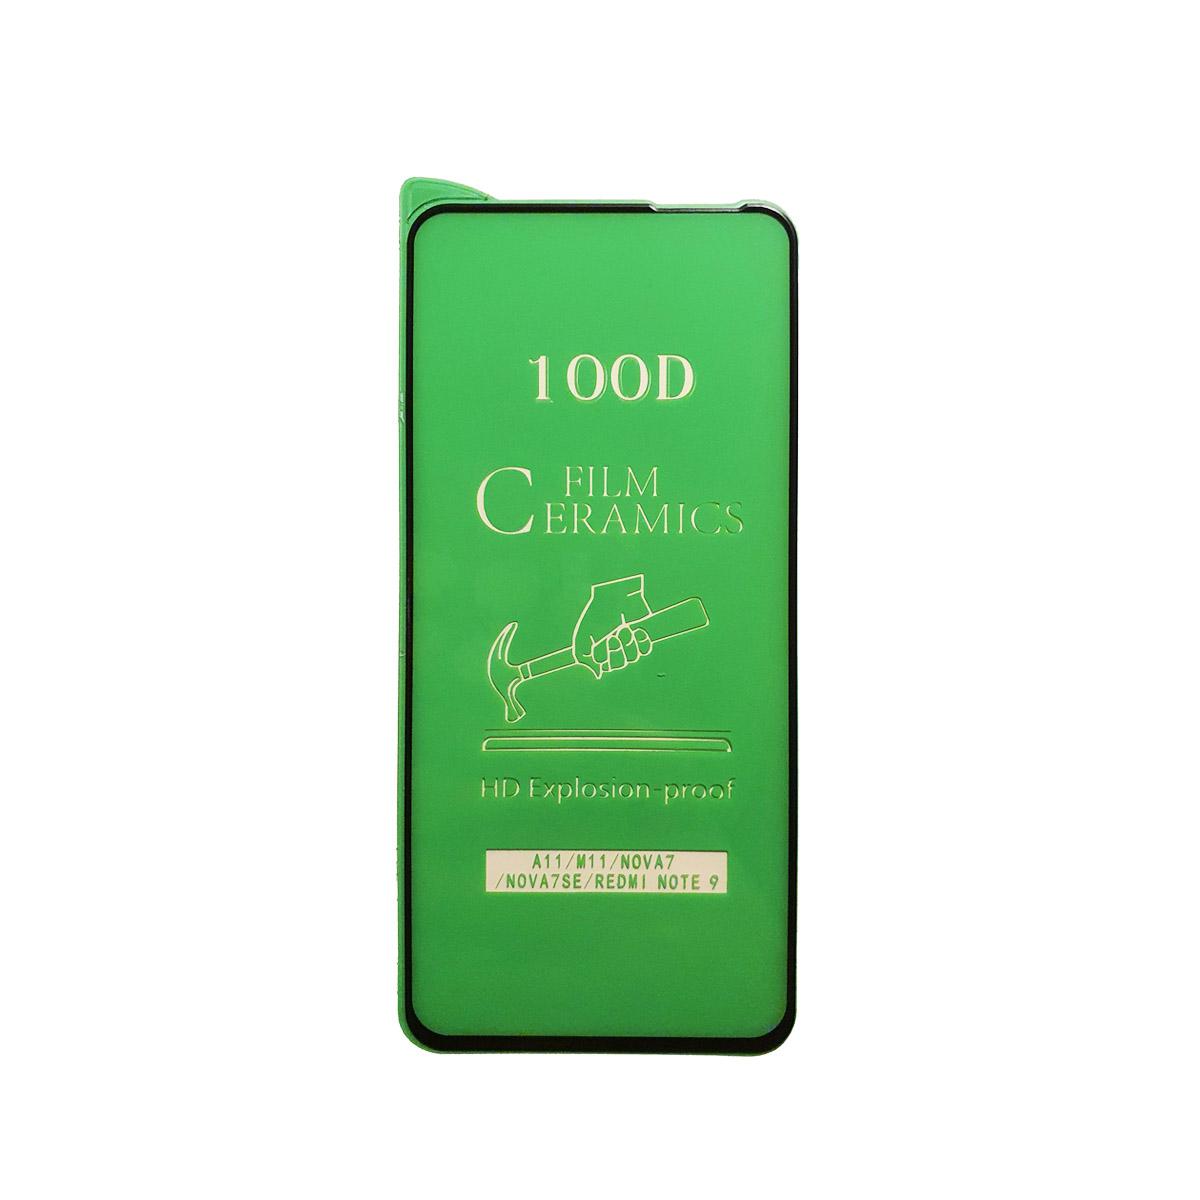 محافظ صفحه نمایش سرامیکی مدل FLCRG01st مناسب برای گوشی موبایل سامسونگ Galaxy A11